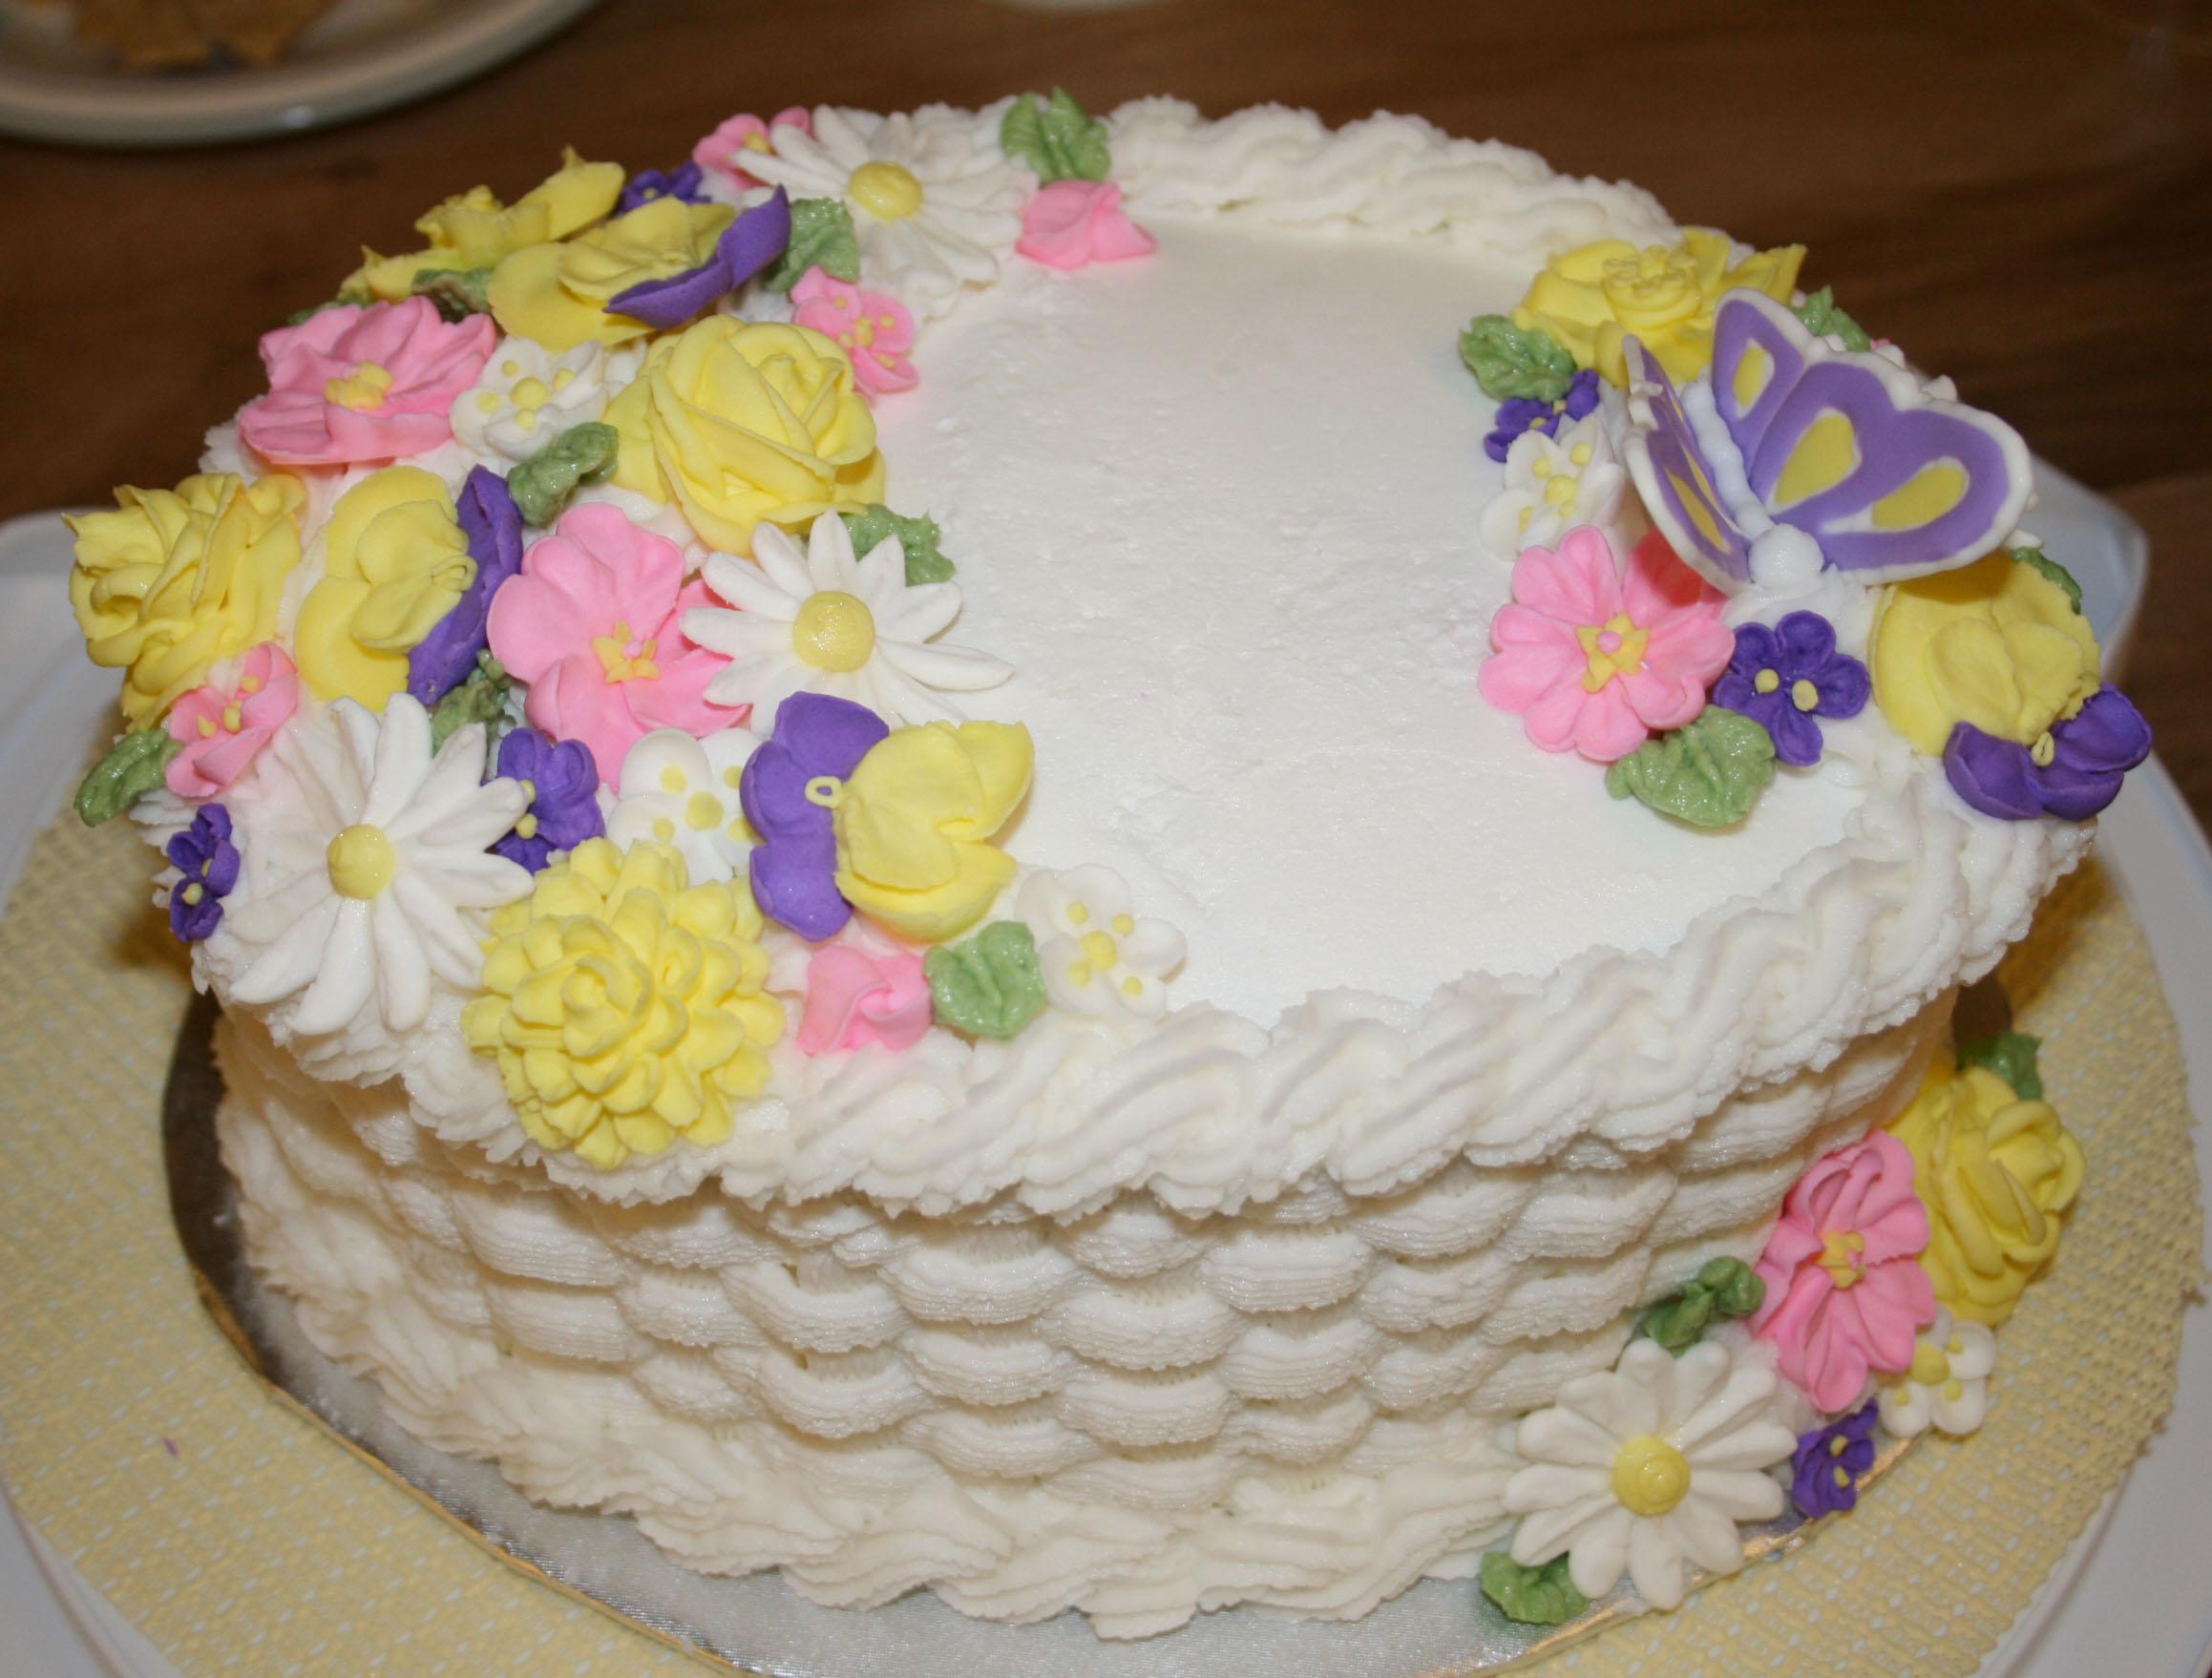 видео занимают белковый крем цветы украшение торт фото термостойкости прочности